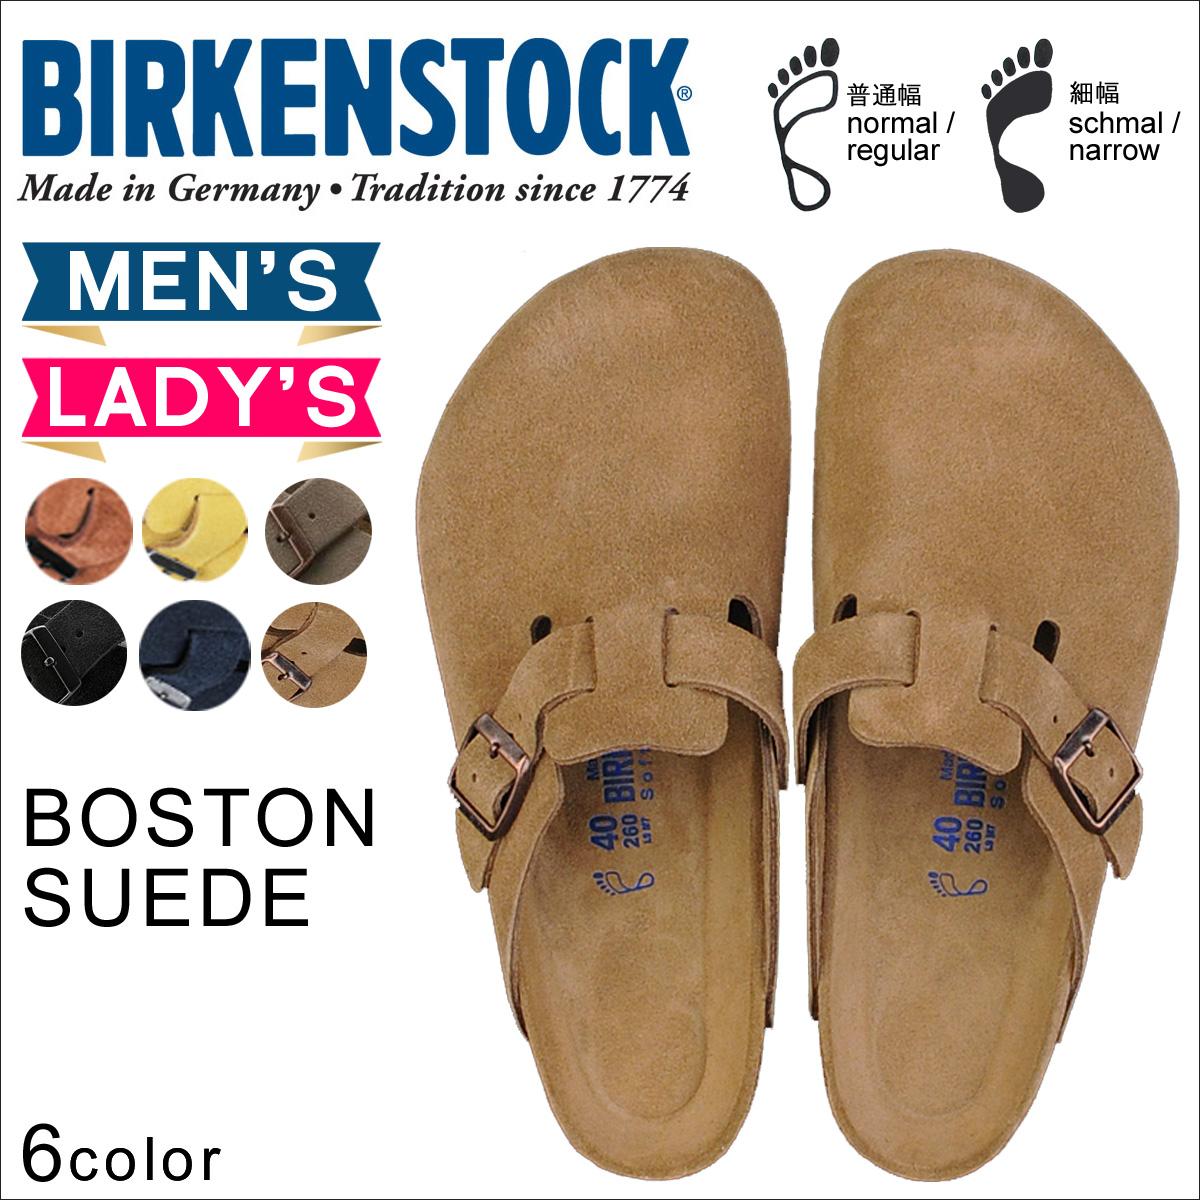 birkenstock normal